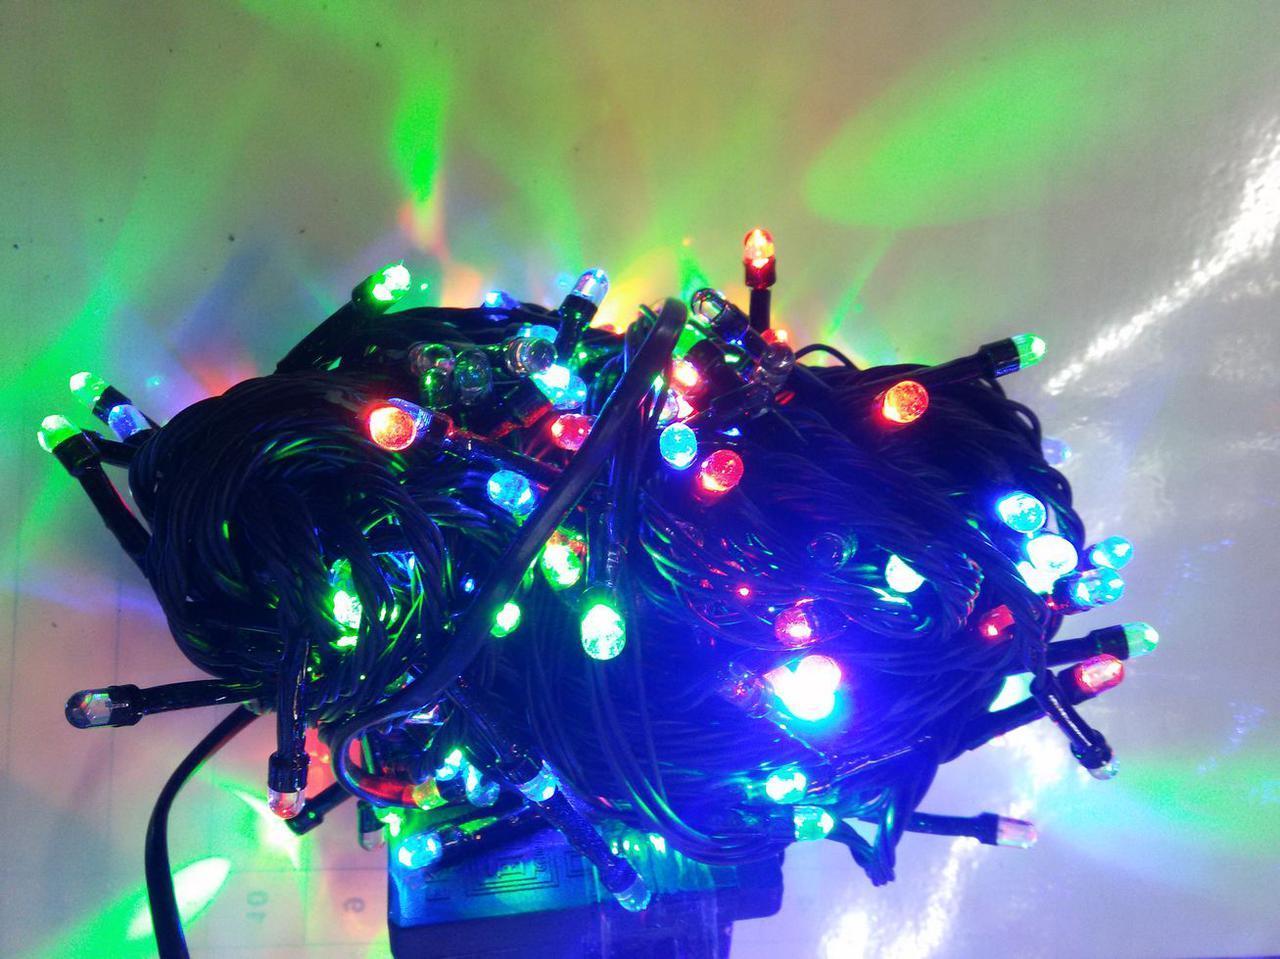 Гирлянда линза 500 LED 5mm на черном проводе, разноцветная